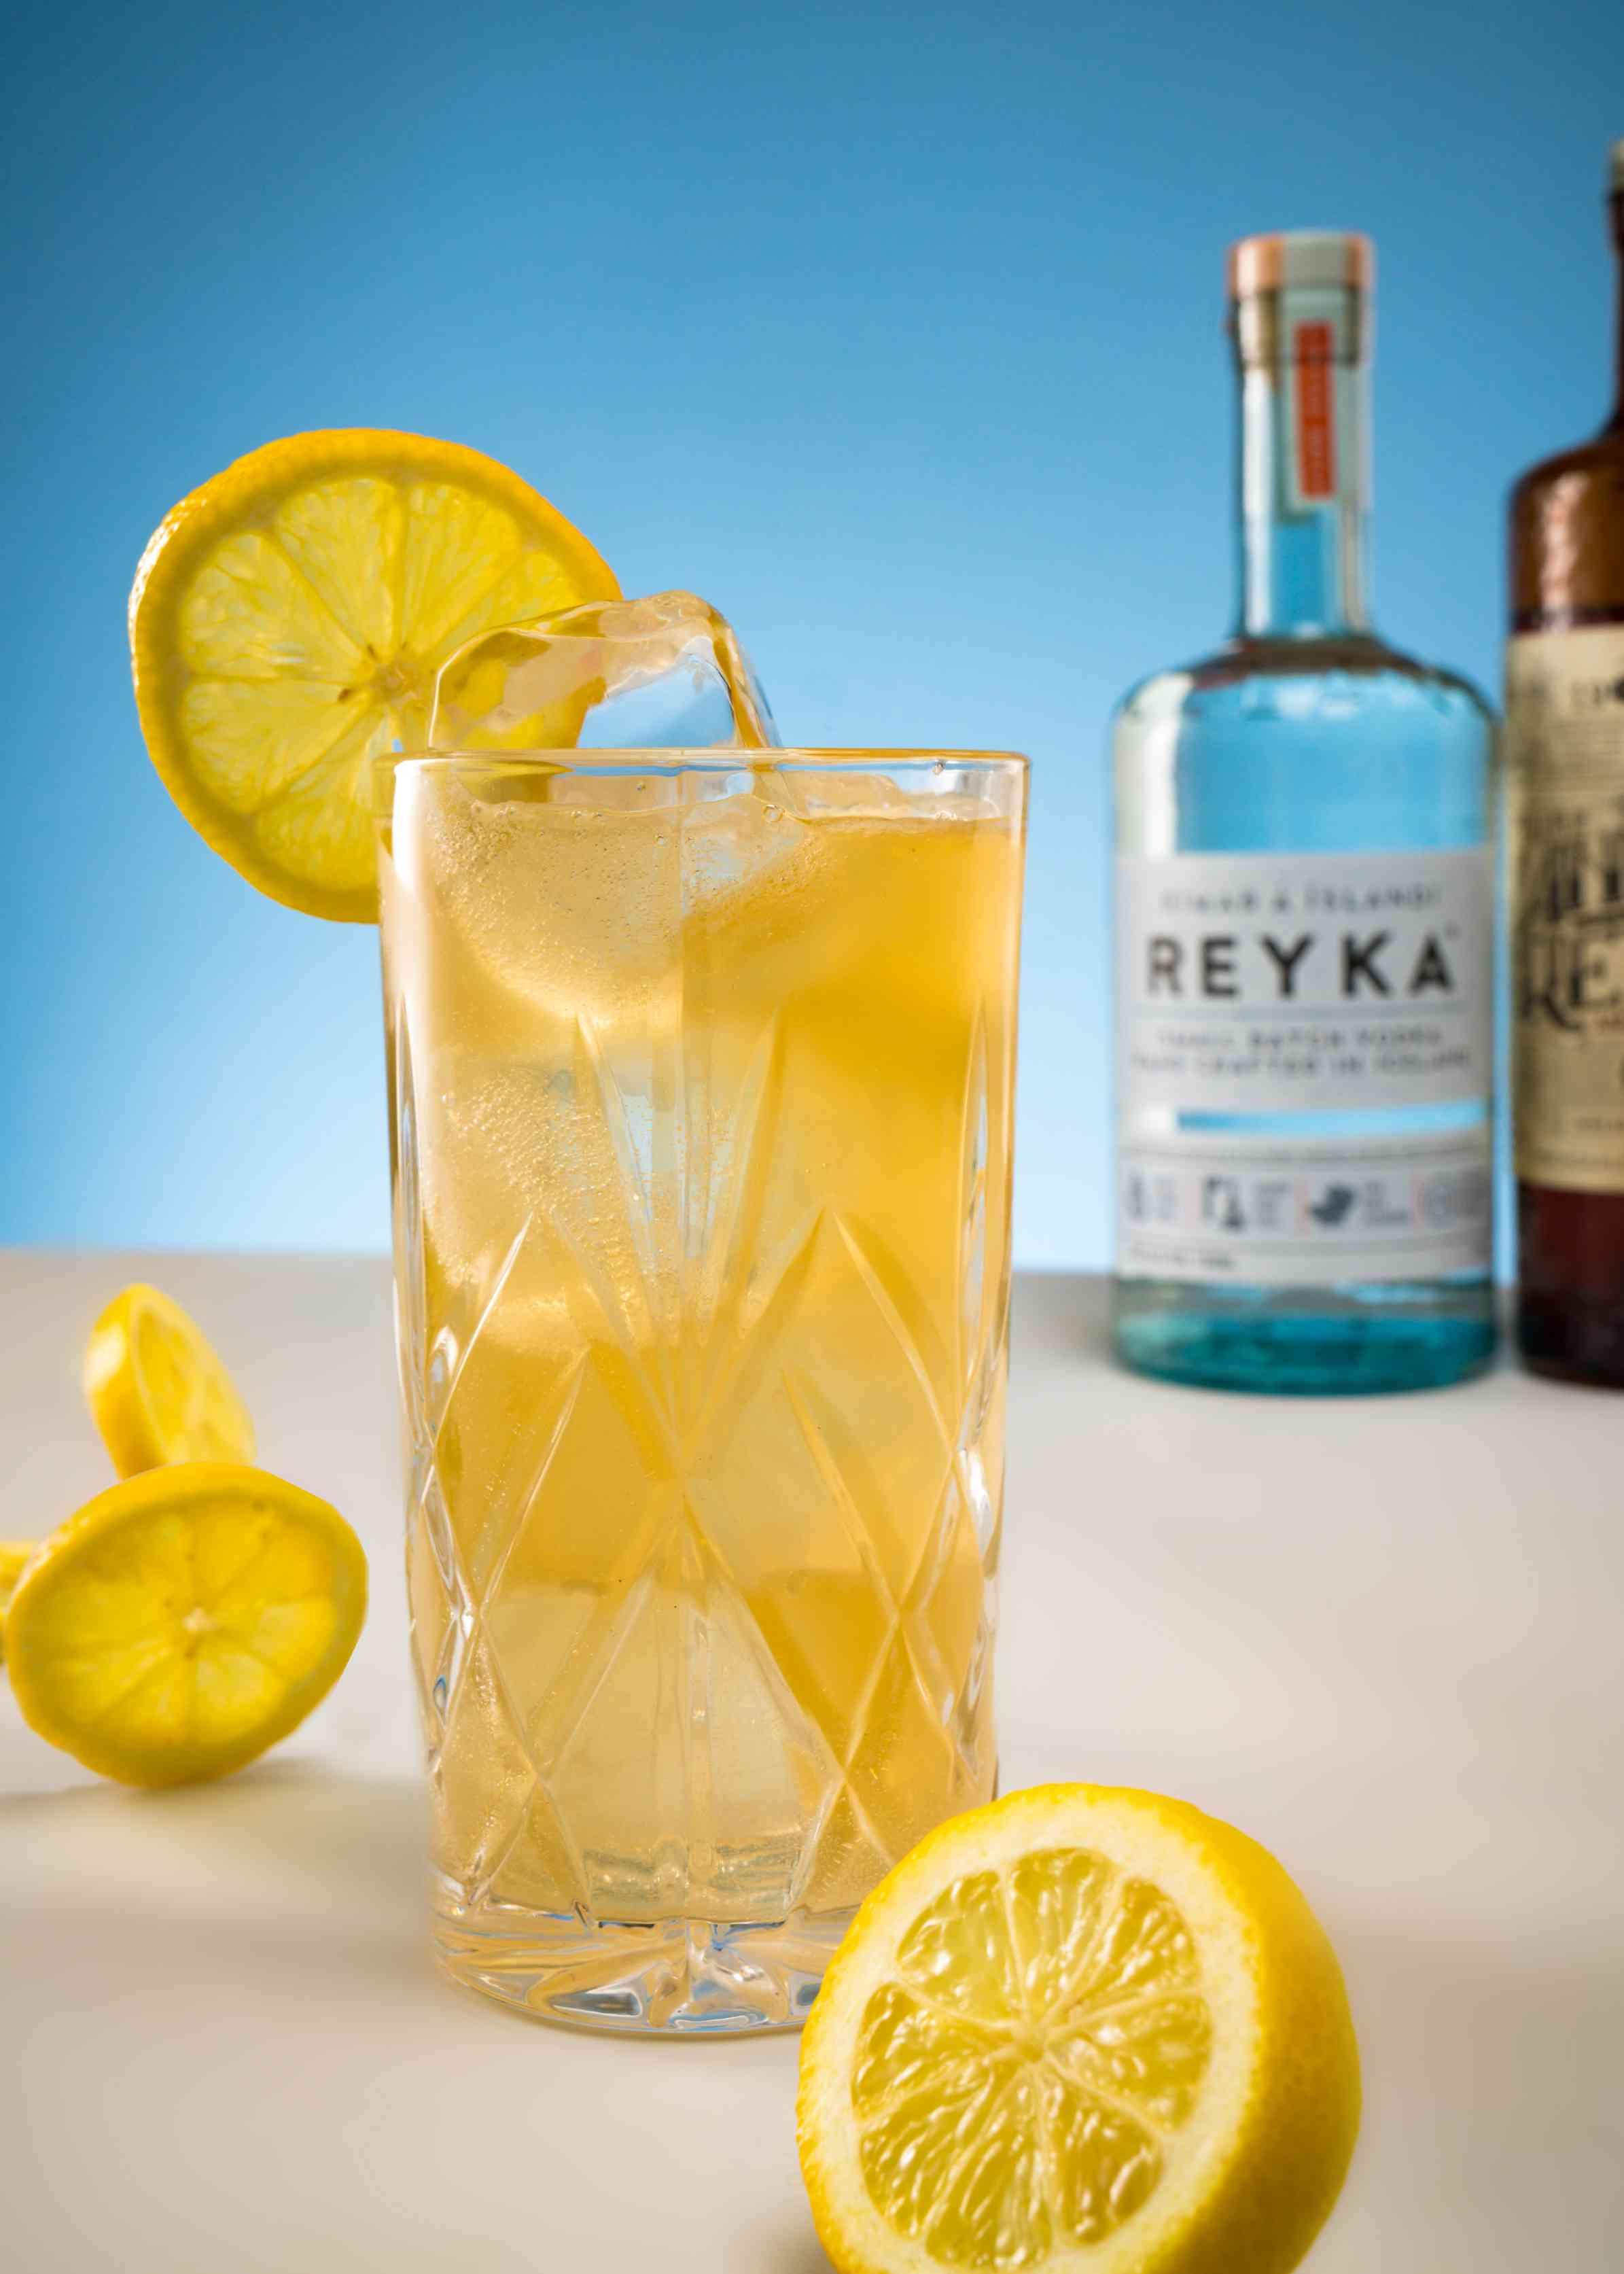 alcohol, signature cocktails, drink, glass, lemons, lemonade, vodka, tequila